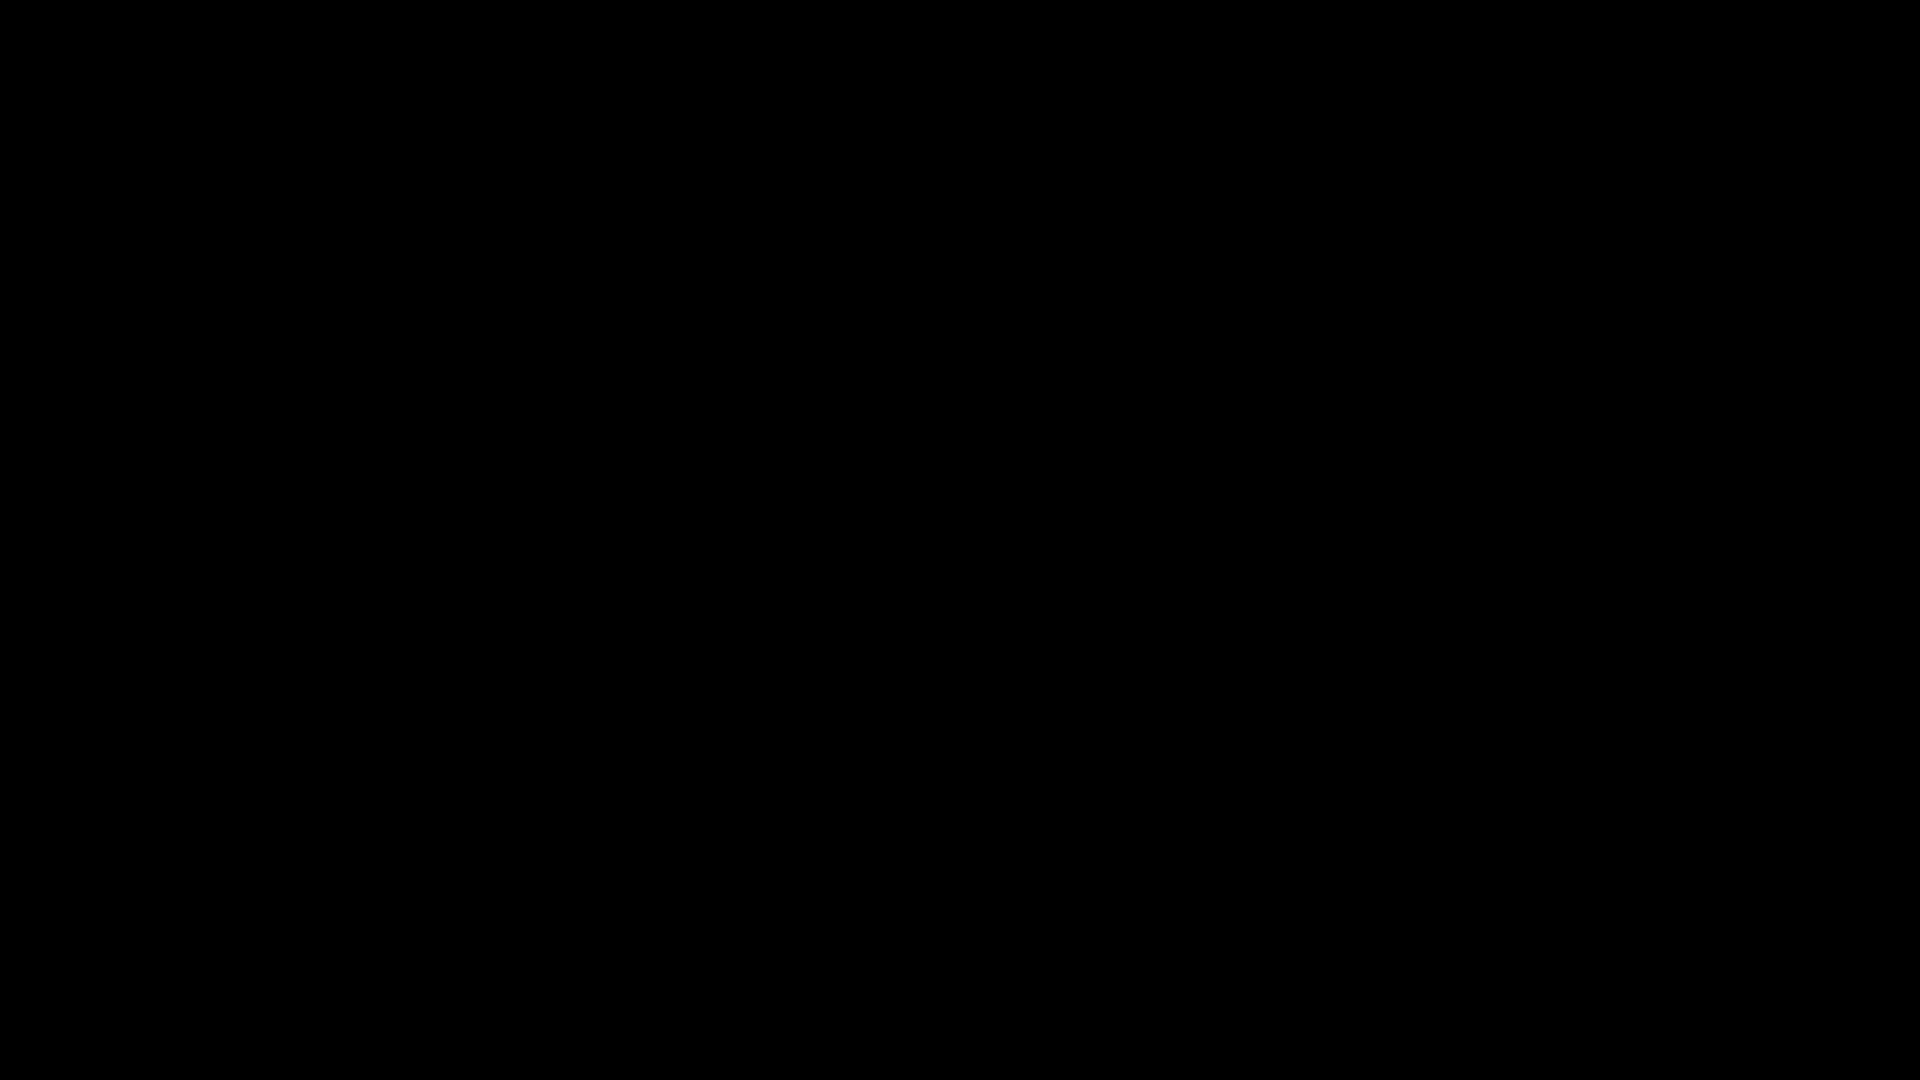 FONDO BLANCO (1)